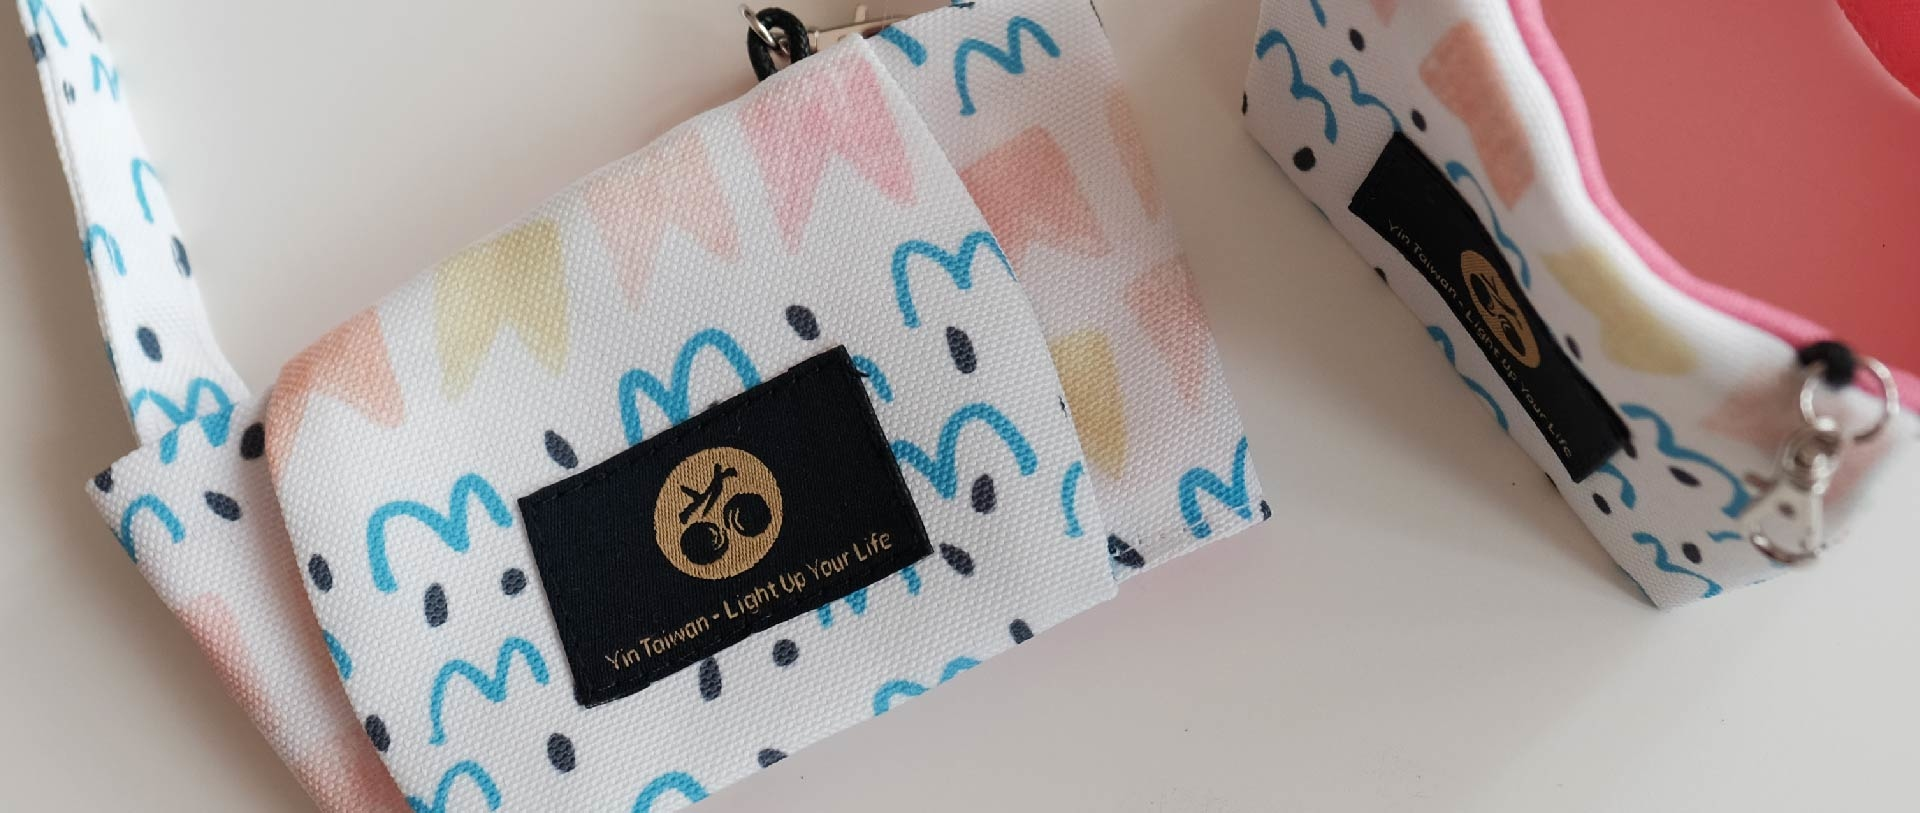 海洋環境與塑膠垃圾議題的故事印花設計_條紋魚飲料提袋